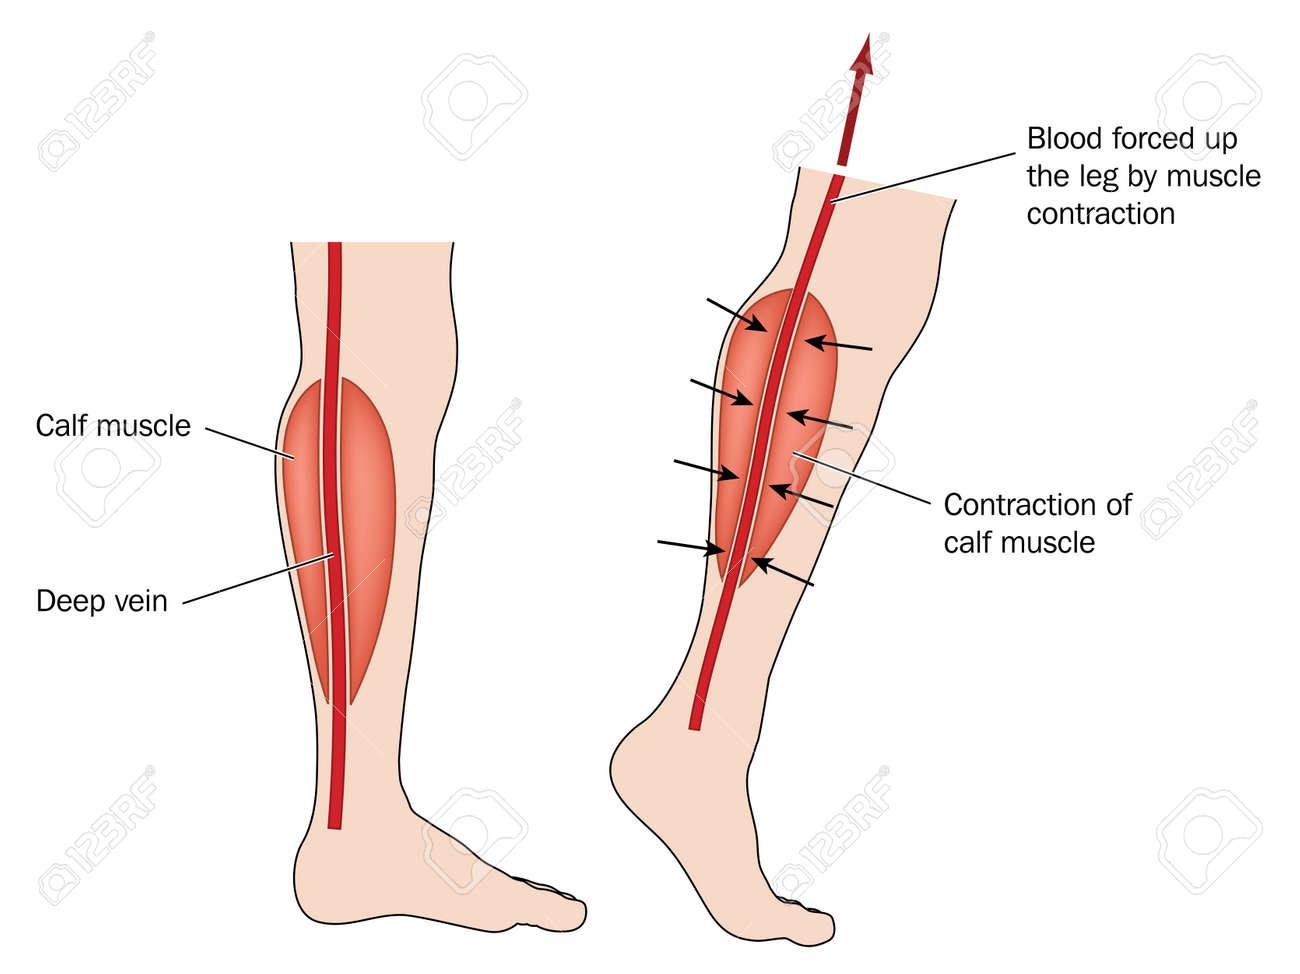 ふくらはぎの筋肉のポンプのための足から押し上げ血を表示する描画